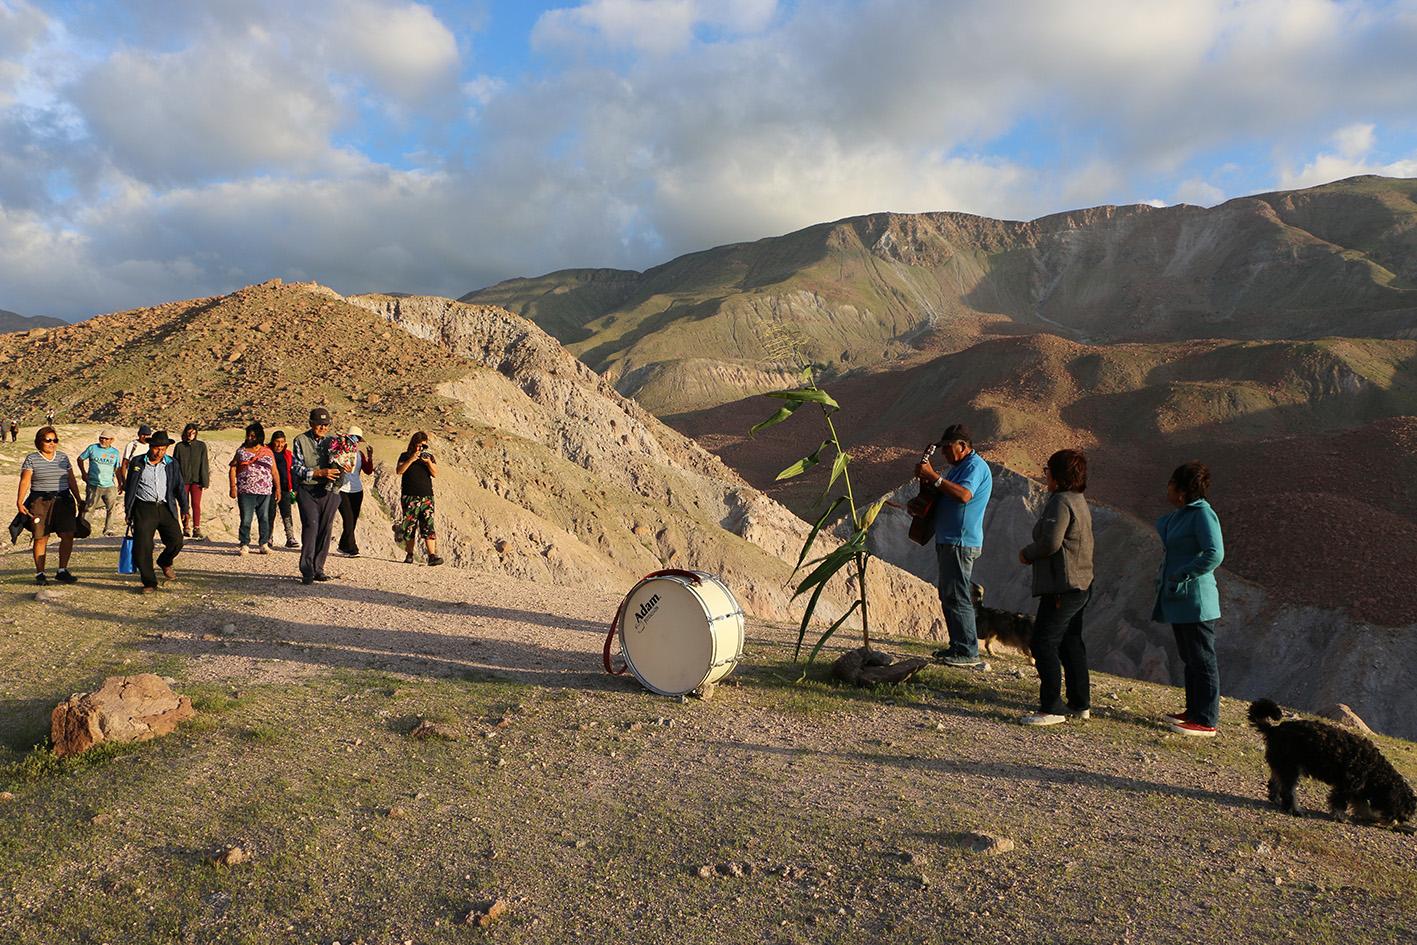 Minidocumentales de Festividades Andinas: Memoria, patrimonio y costumbres con las comunidades de Arica y Parinacota